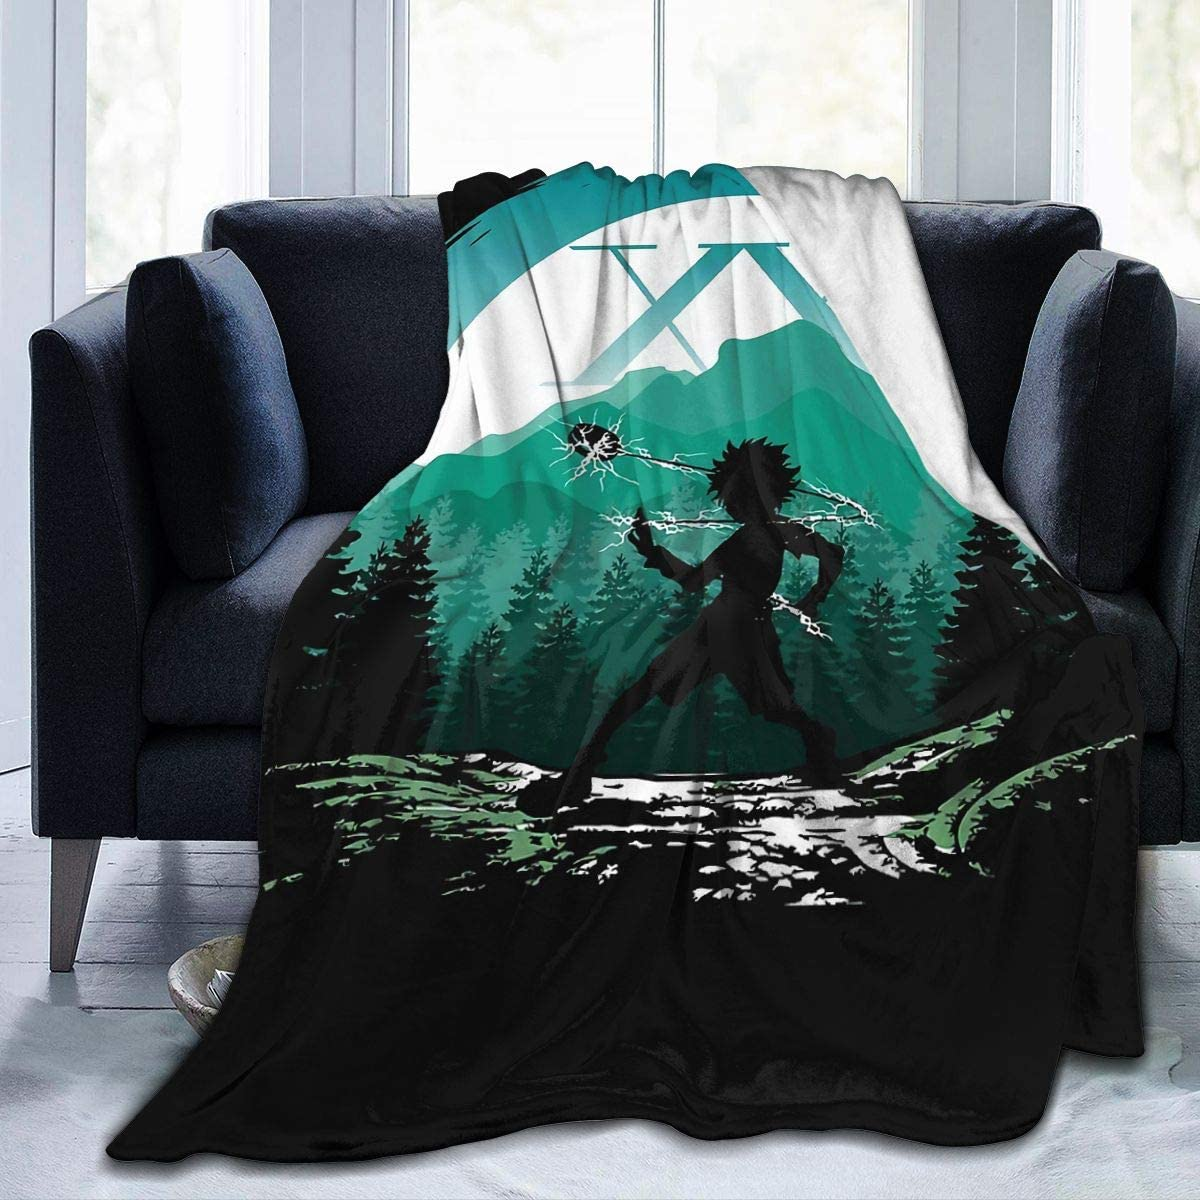 EVA GIBBONS Flannel Blanket Hunter-X-Hunter-Kite Covers Throw Blanket for Bed Sofa Living Room Summer Small 50x40 in for Kids